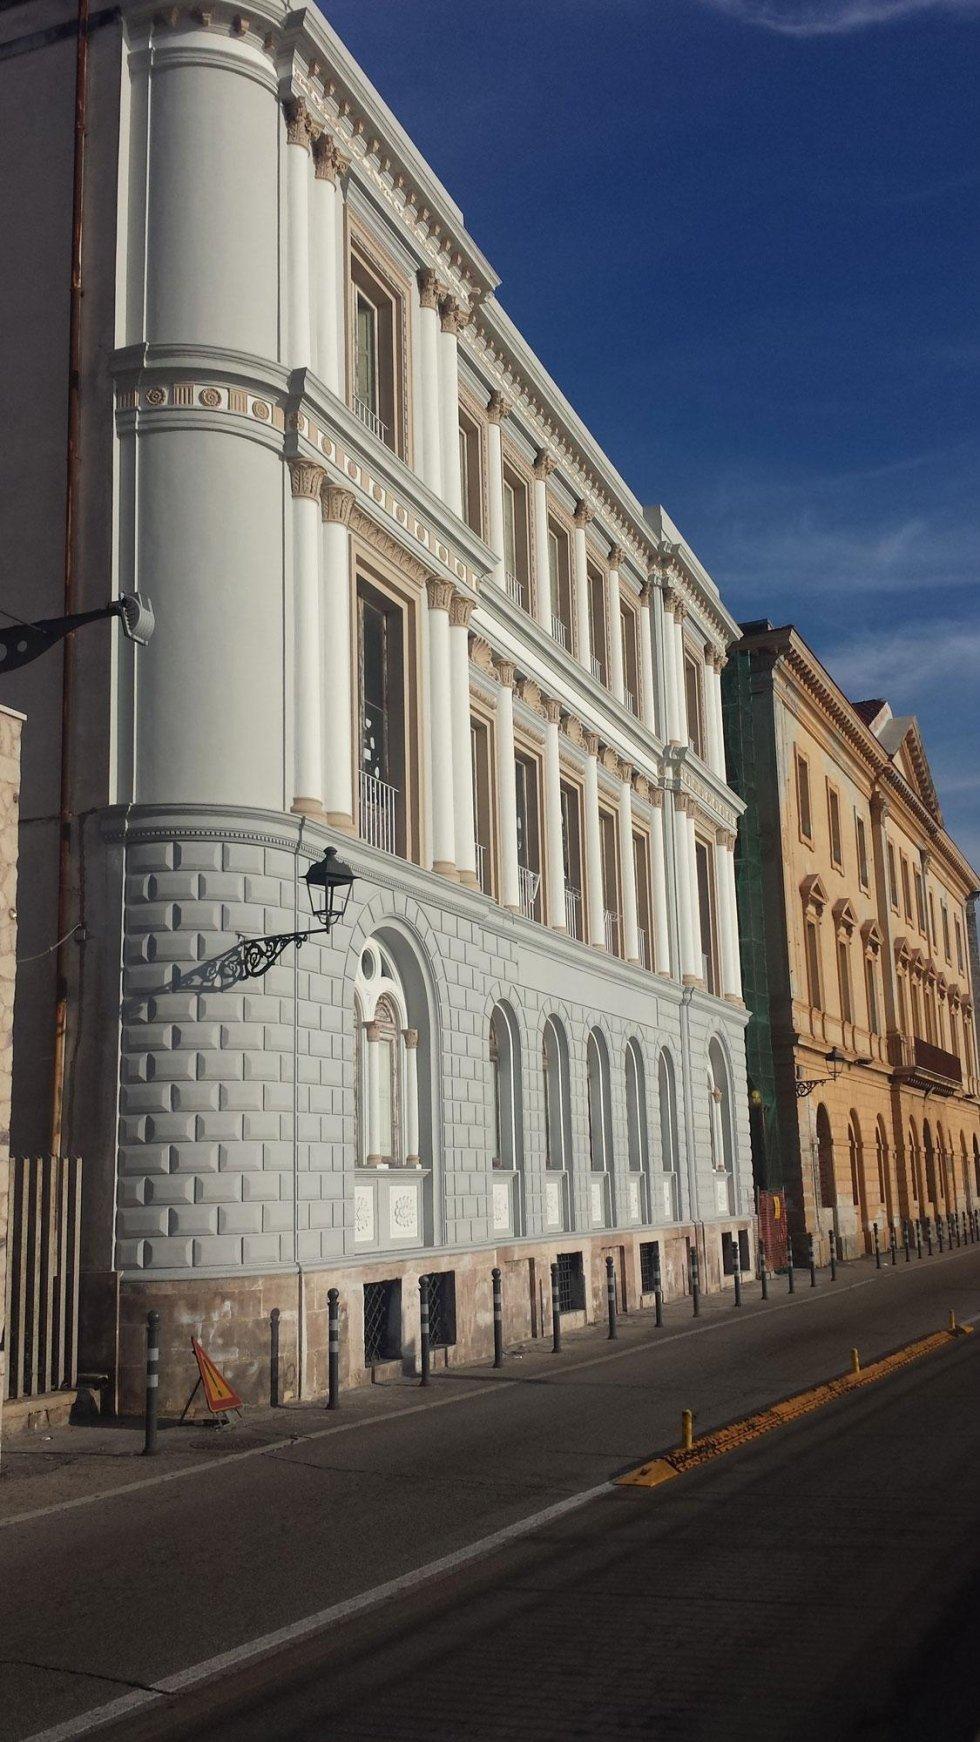 una strada e vista di un edificio in costruzione